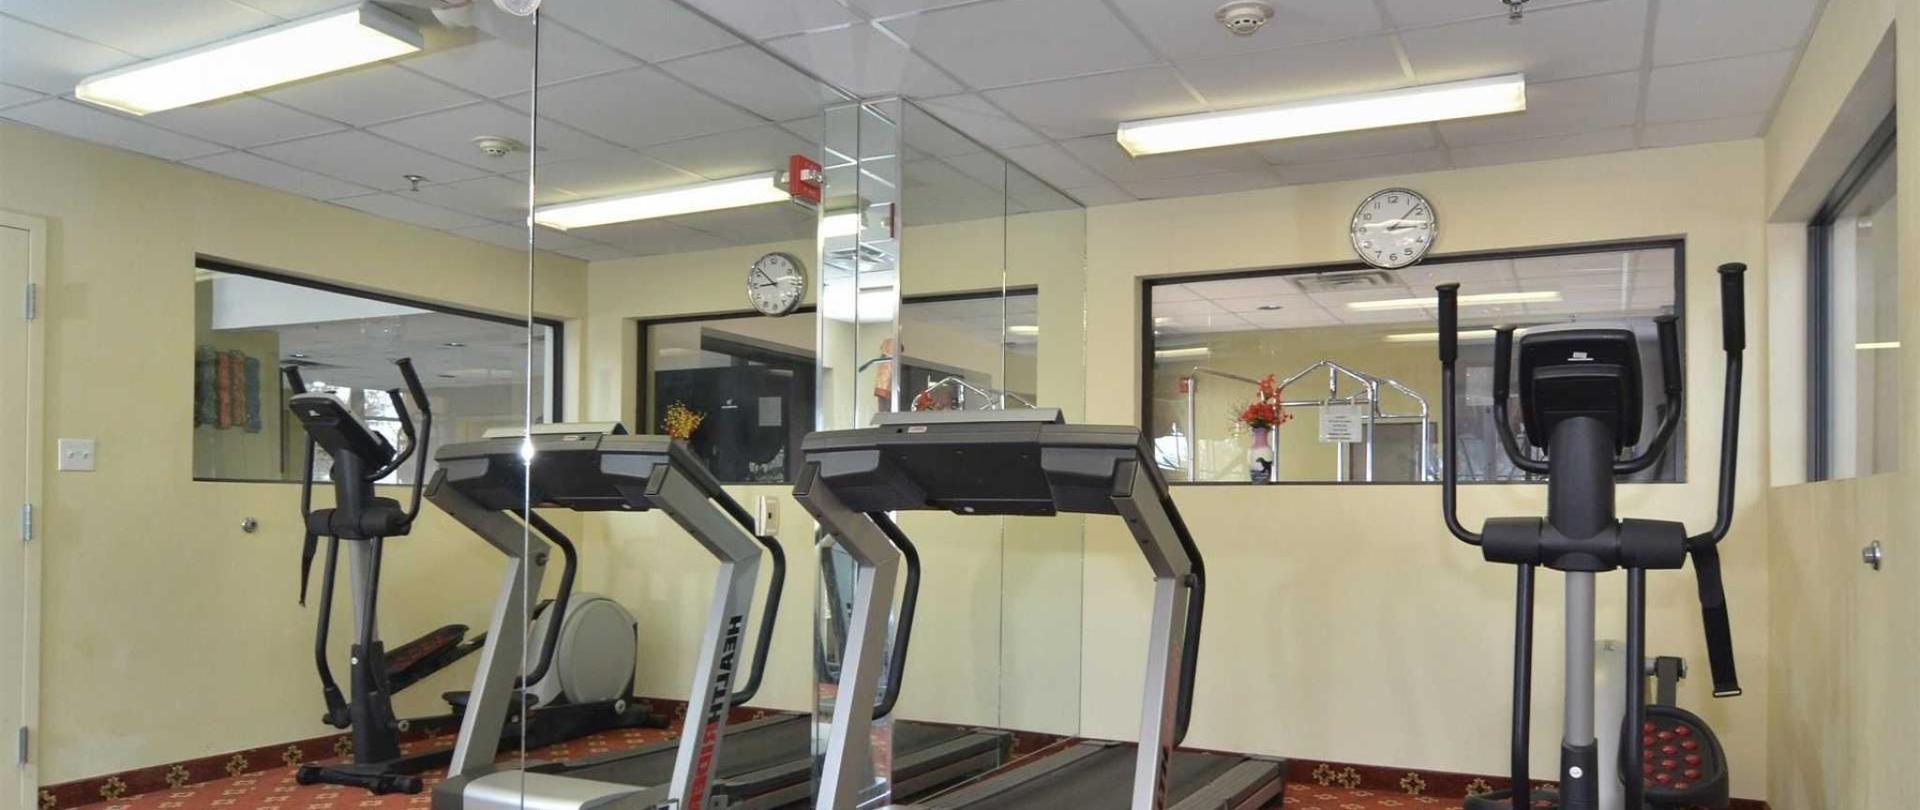 tx745_qi_fitness.jpg